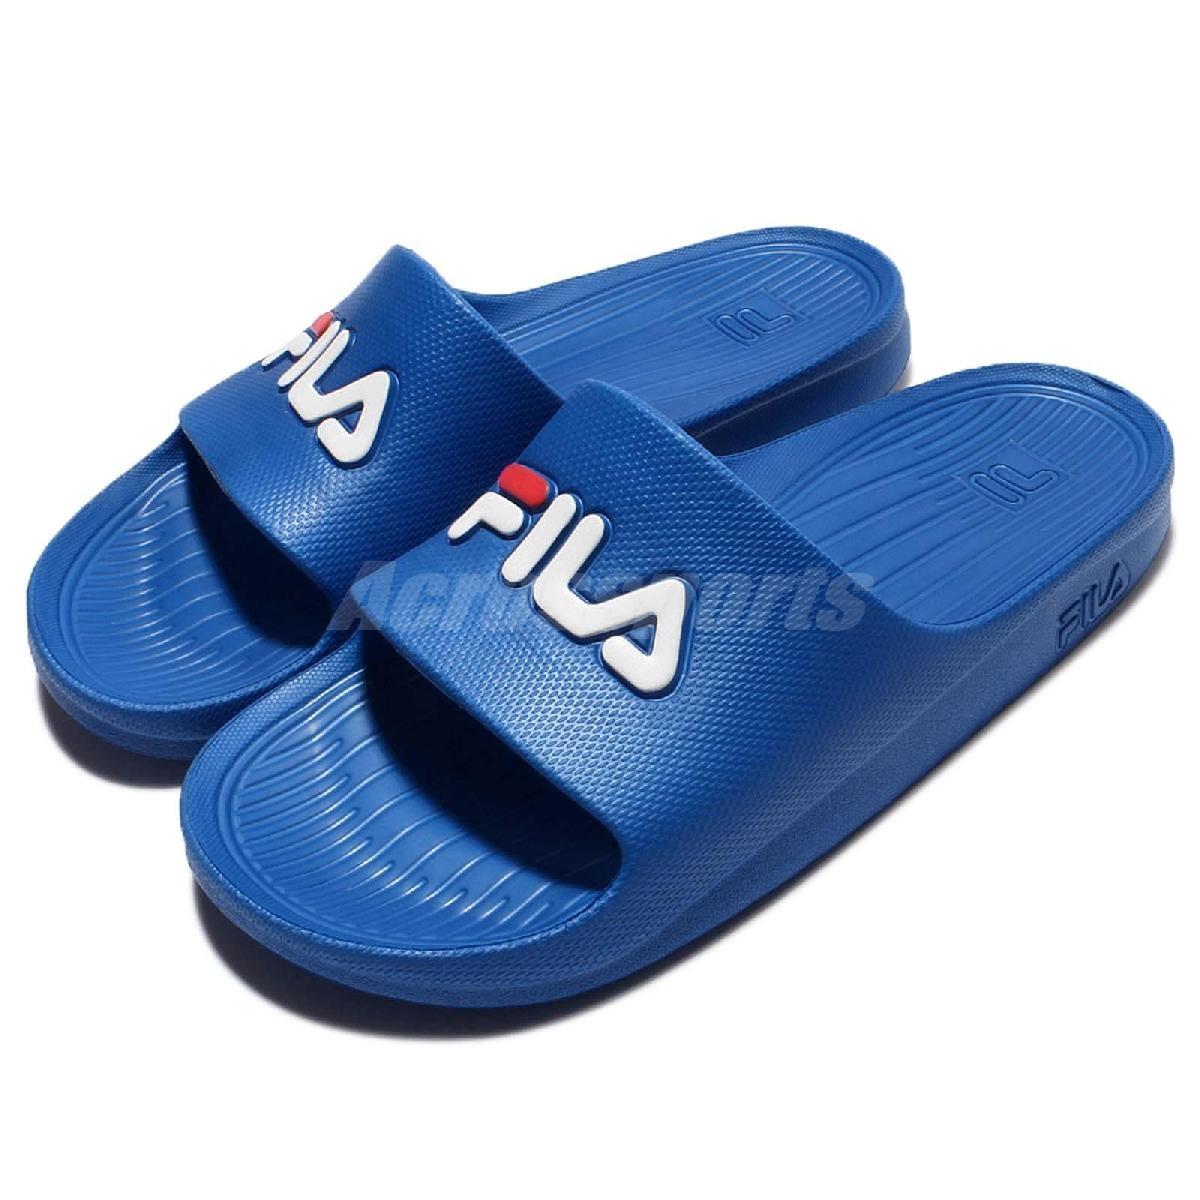 拖鞋 FILA 完全防水 復古 情侶鞋 運動休閒 藍 白 紅 男鞋 女鞋【PUMP306】4S355Q321